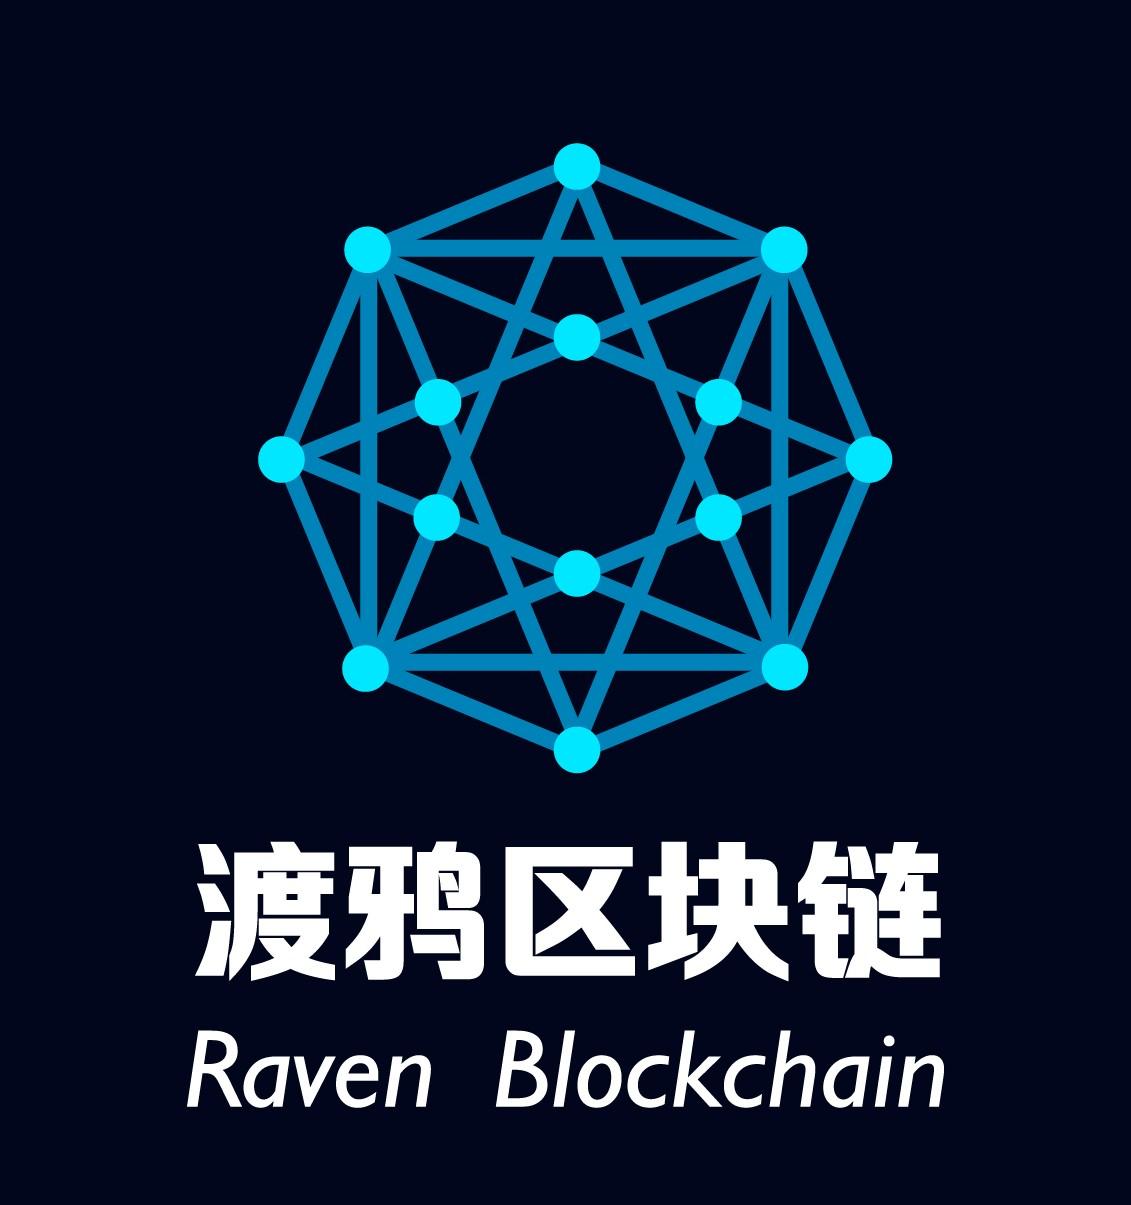 区块链圆形logo设计